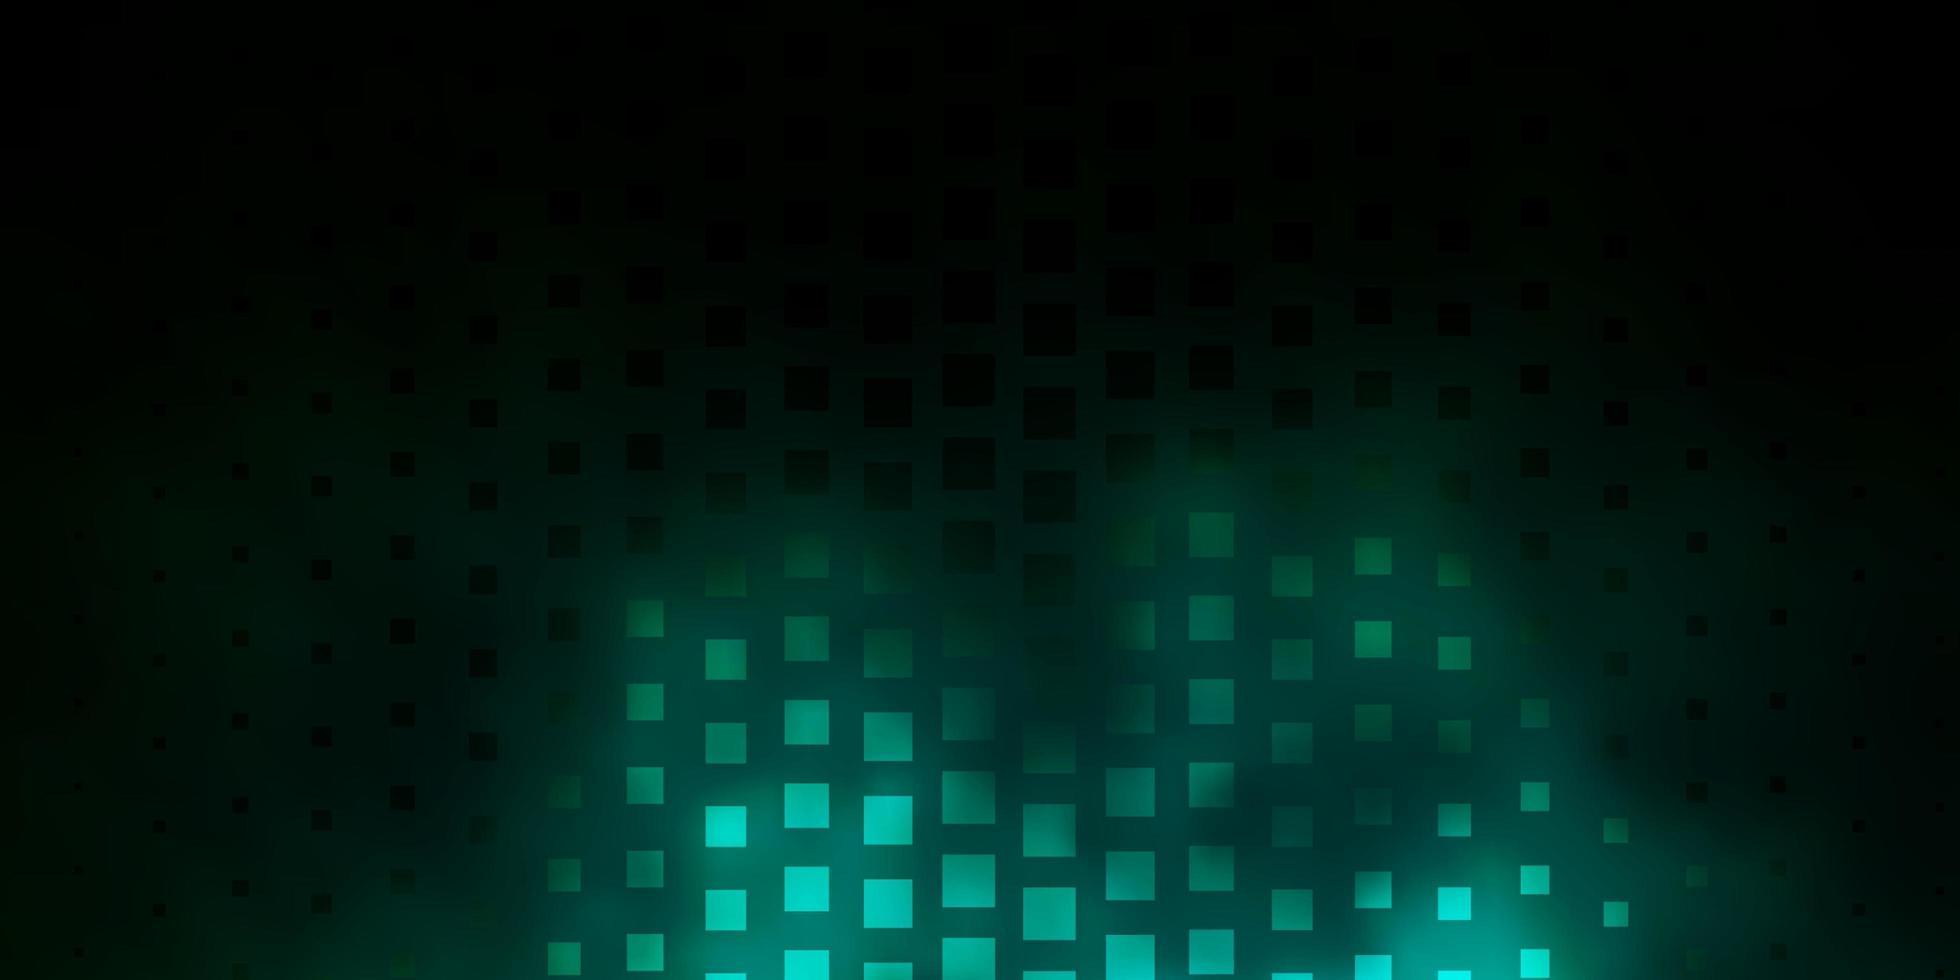 Fondo de vector verde oscuro con rectángulos.